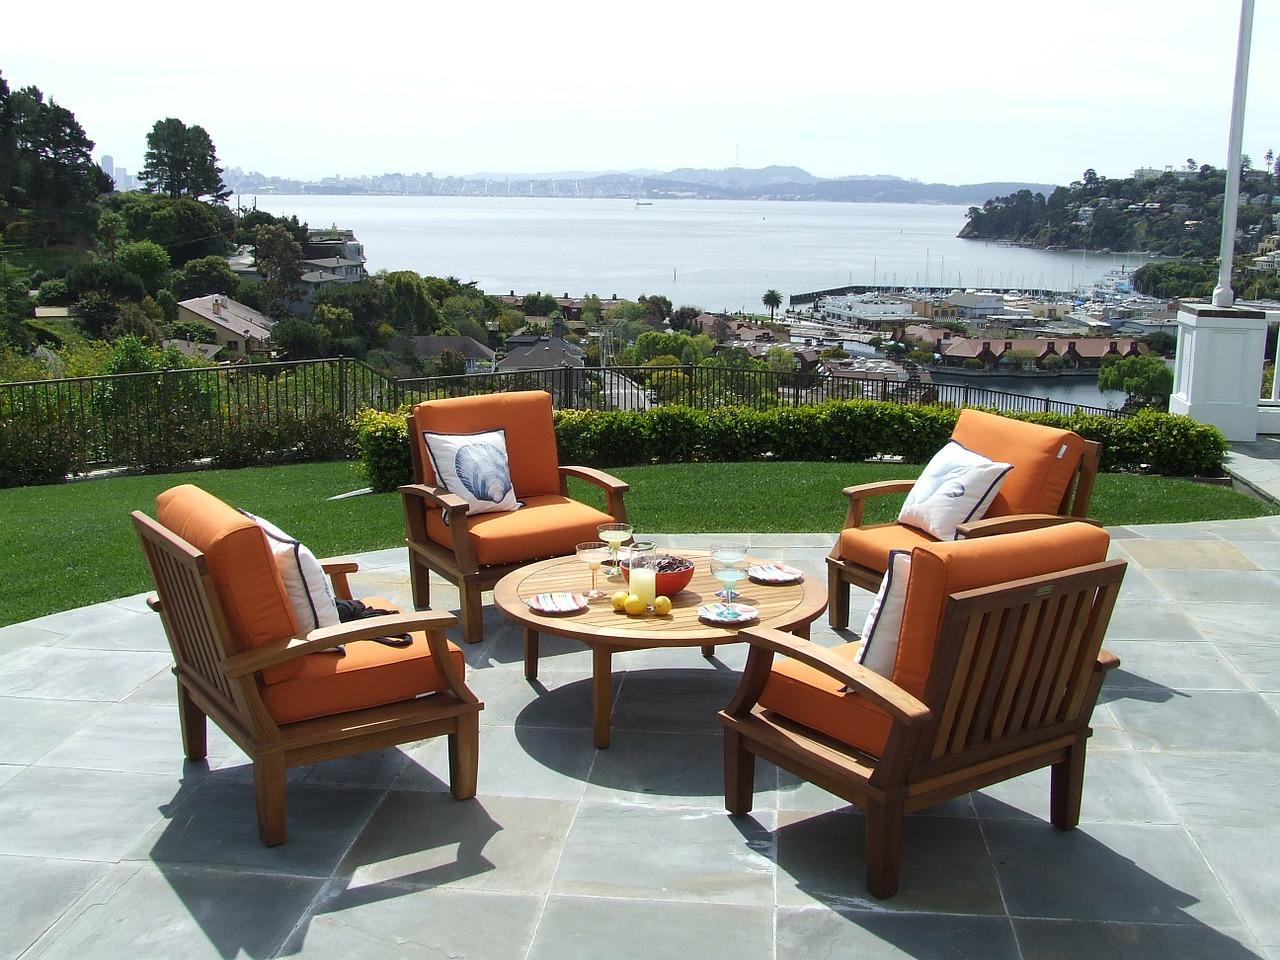 Gartenmöbel: damit der Garten zum Wohnzimmer wird